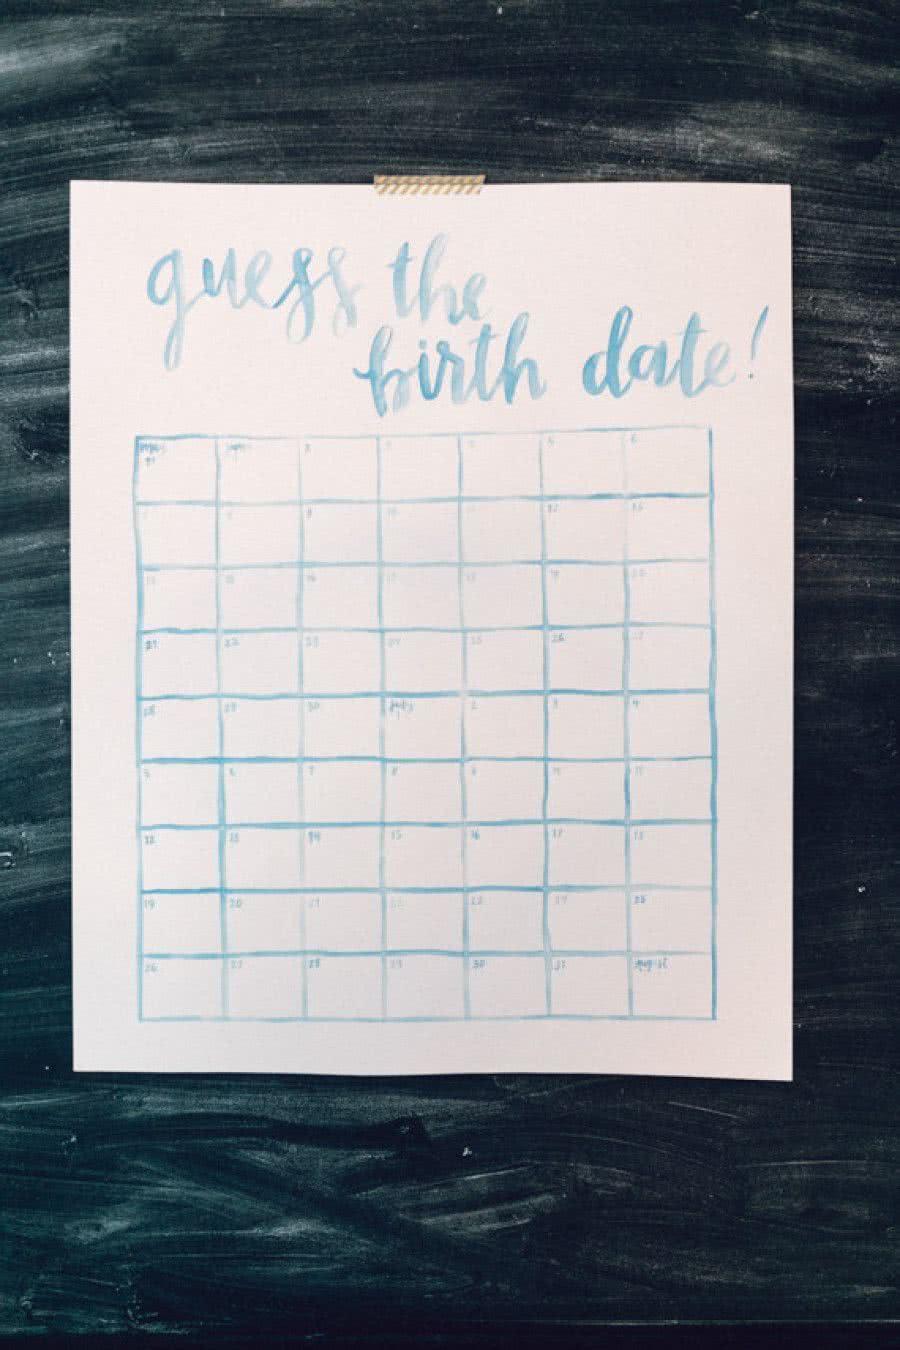 Entretenha os convidados com a brincadeira de adivinhar a data de nascimento. Quem acertar em cheio, recebe um mimo especial depois